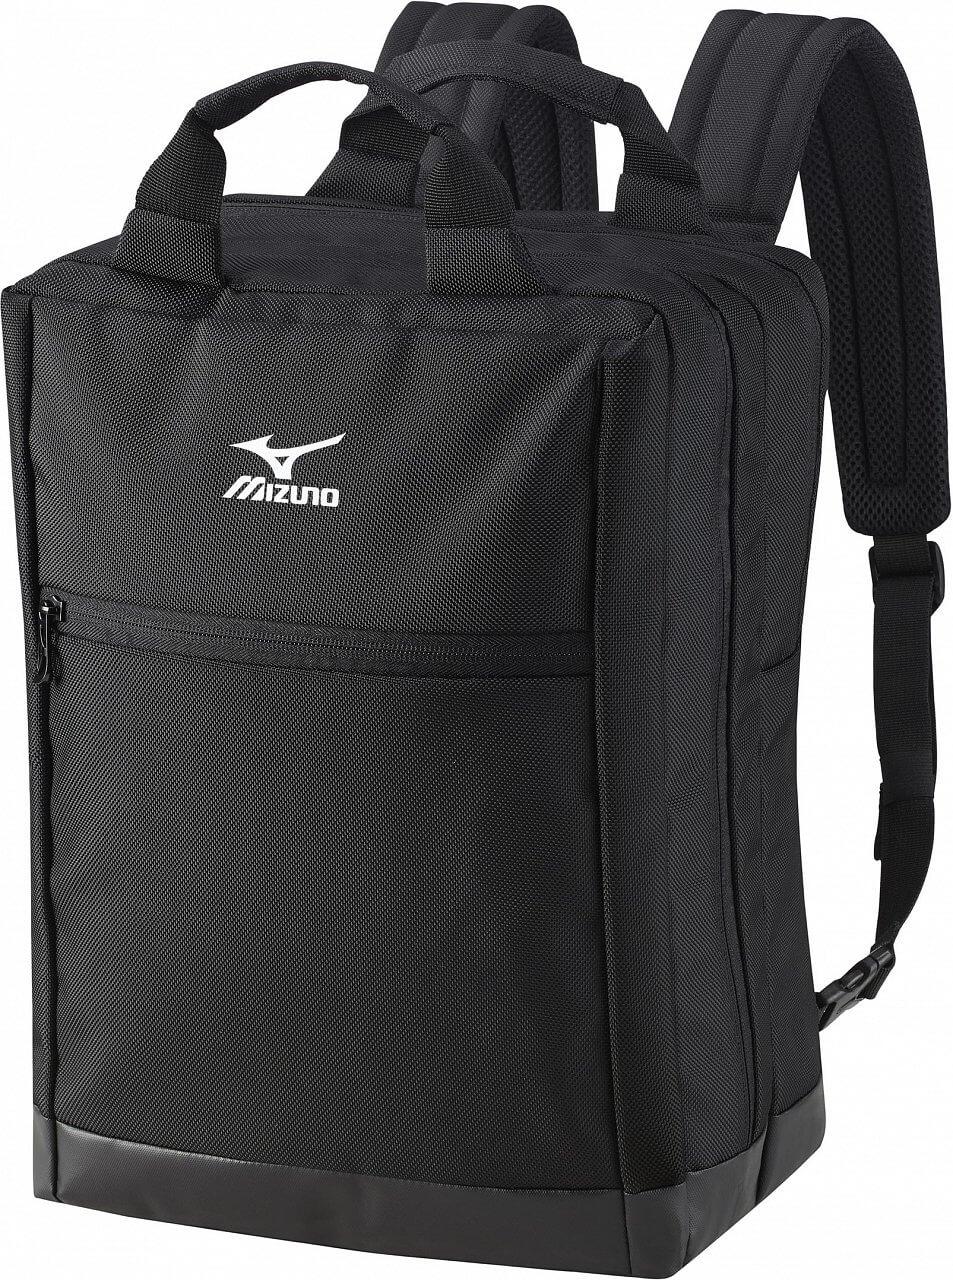 049601e82d Mizuno Laptop Back Pack. batoh